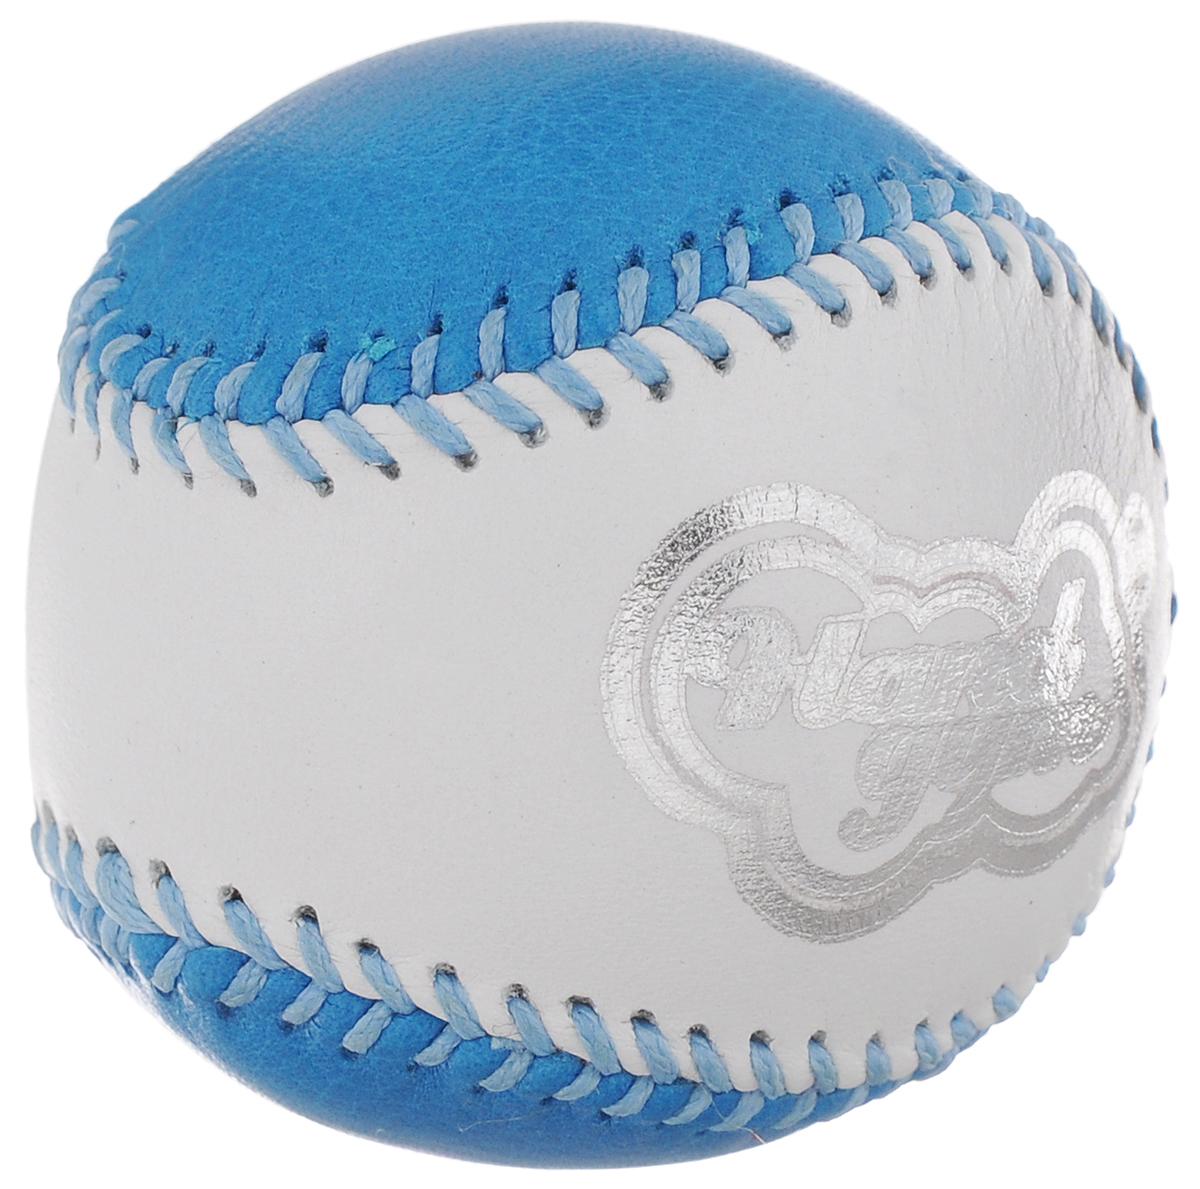 Эспандер кистевой HandGum HandGym, цвет: голубой, белый, диаметр 5 смPB-688LC AmberКистевой эспандер HandGum HandGym - отличный тренажер, который превосходно развивает моторику и силу рук.Эспандер HandGum HandGym выполнен в виде кожаного чехла, внутри которого - жвачка для рук. Эспандер прекрасно подходит для любого возраста, позволяя как эффективно развивать силу самым слабым рукам, так и являясь отличным тренажером даже для профессиональных спортсменов.